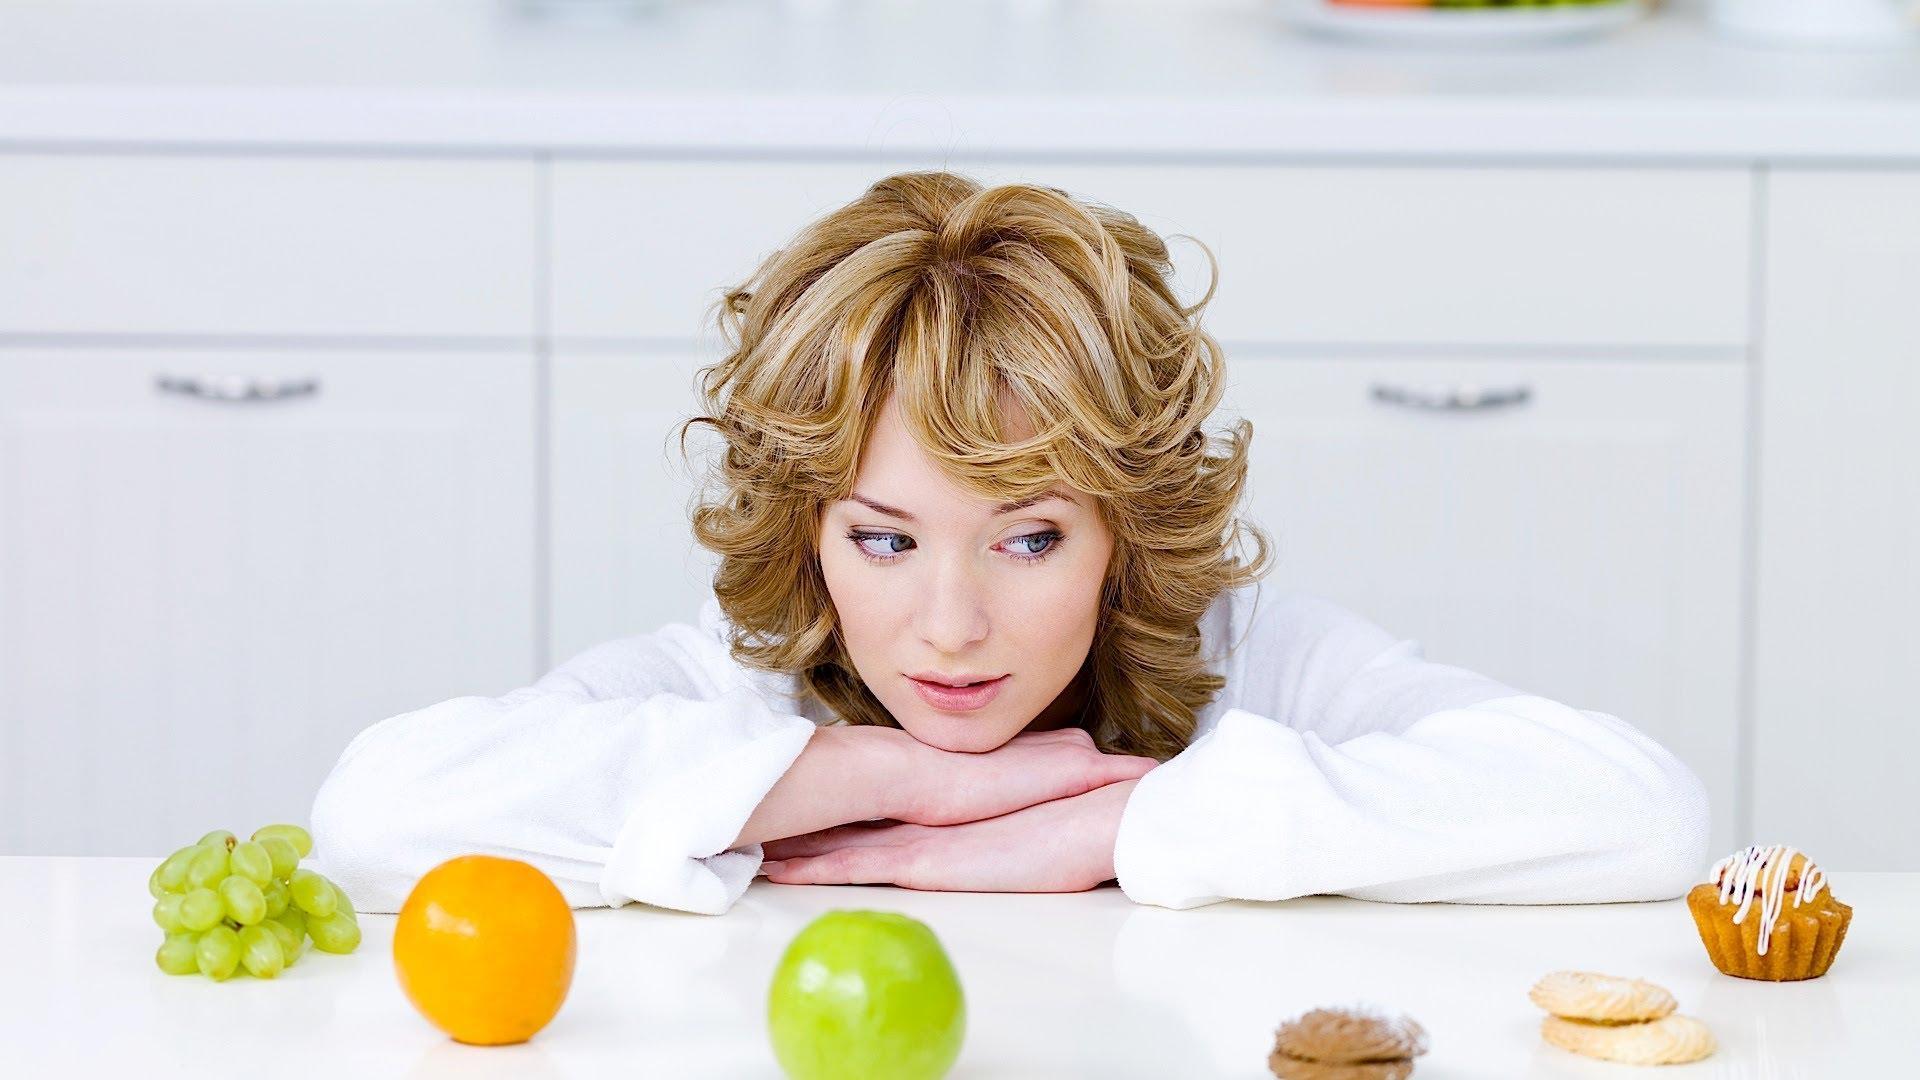 Как уберечься от расстройств пищевого поведения?